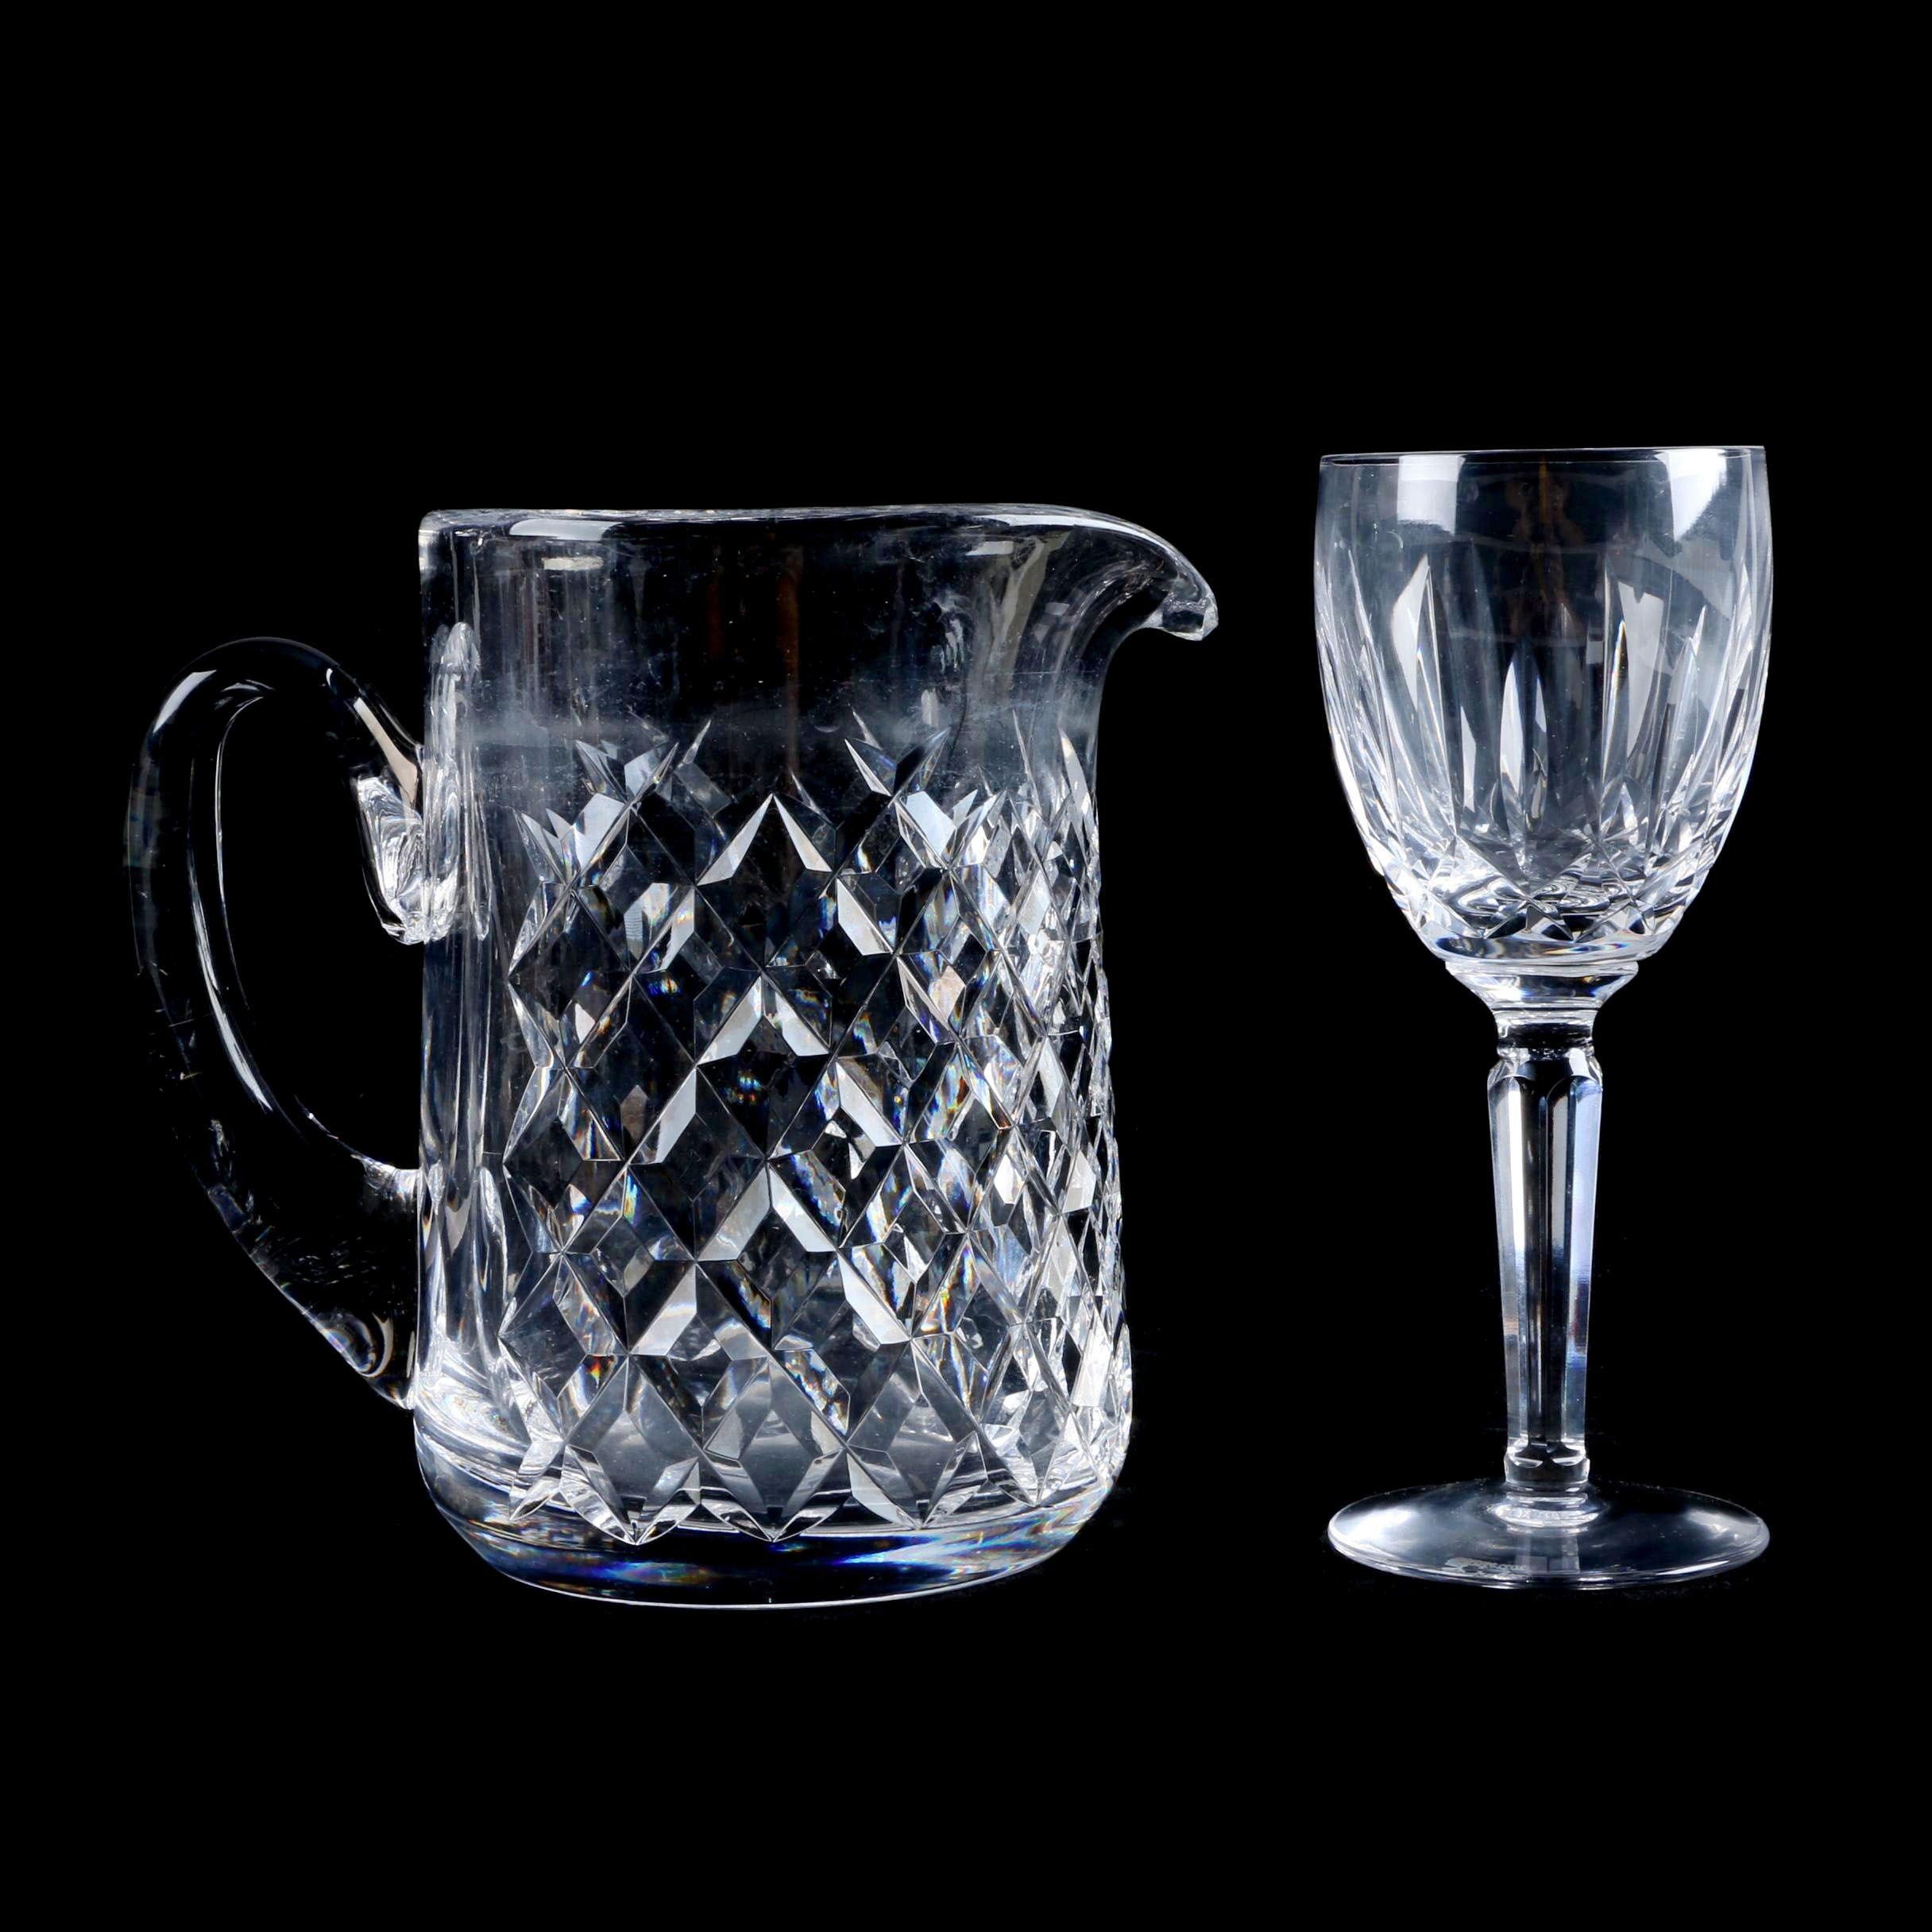 Waterford Crystal Barware